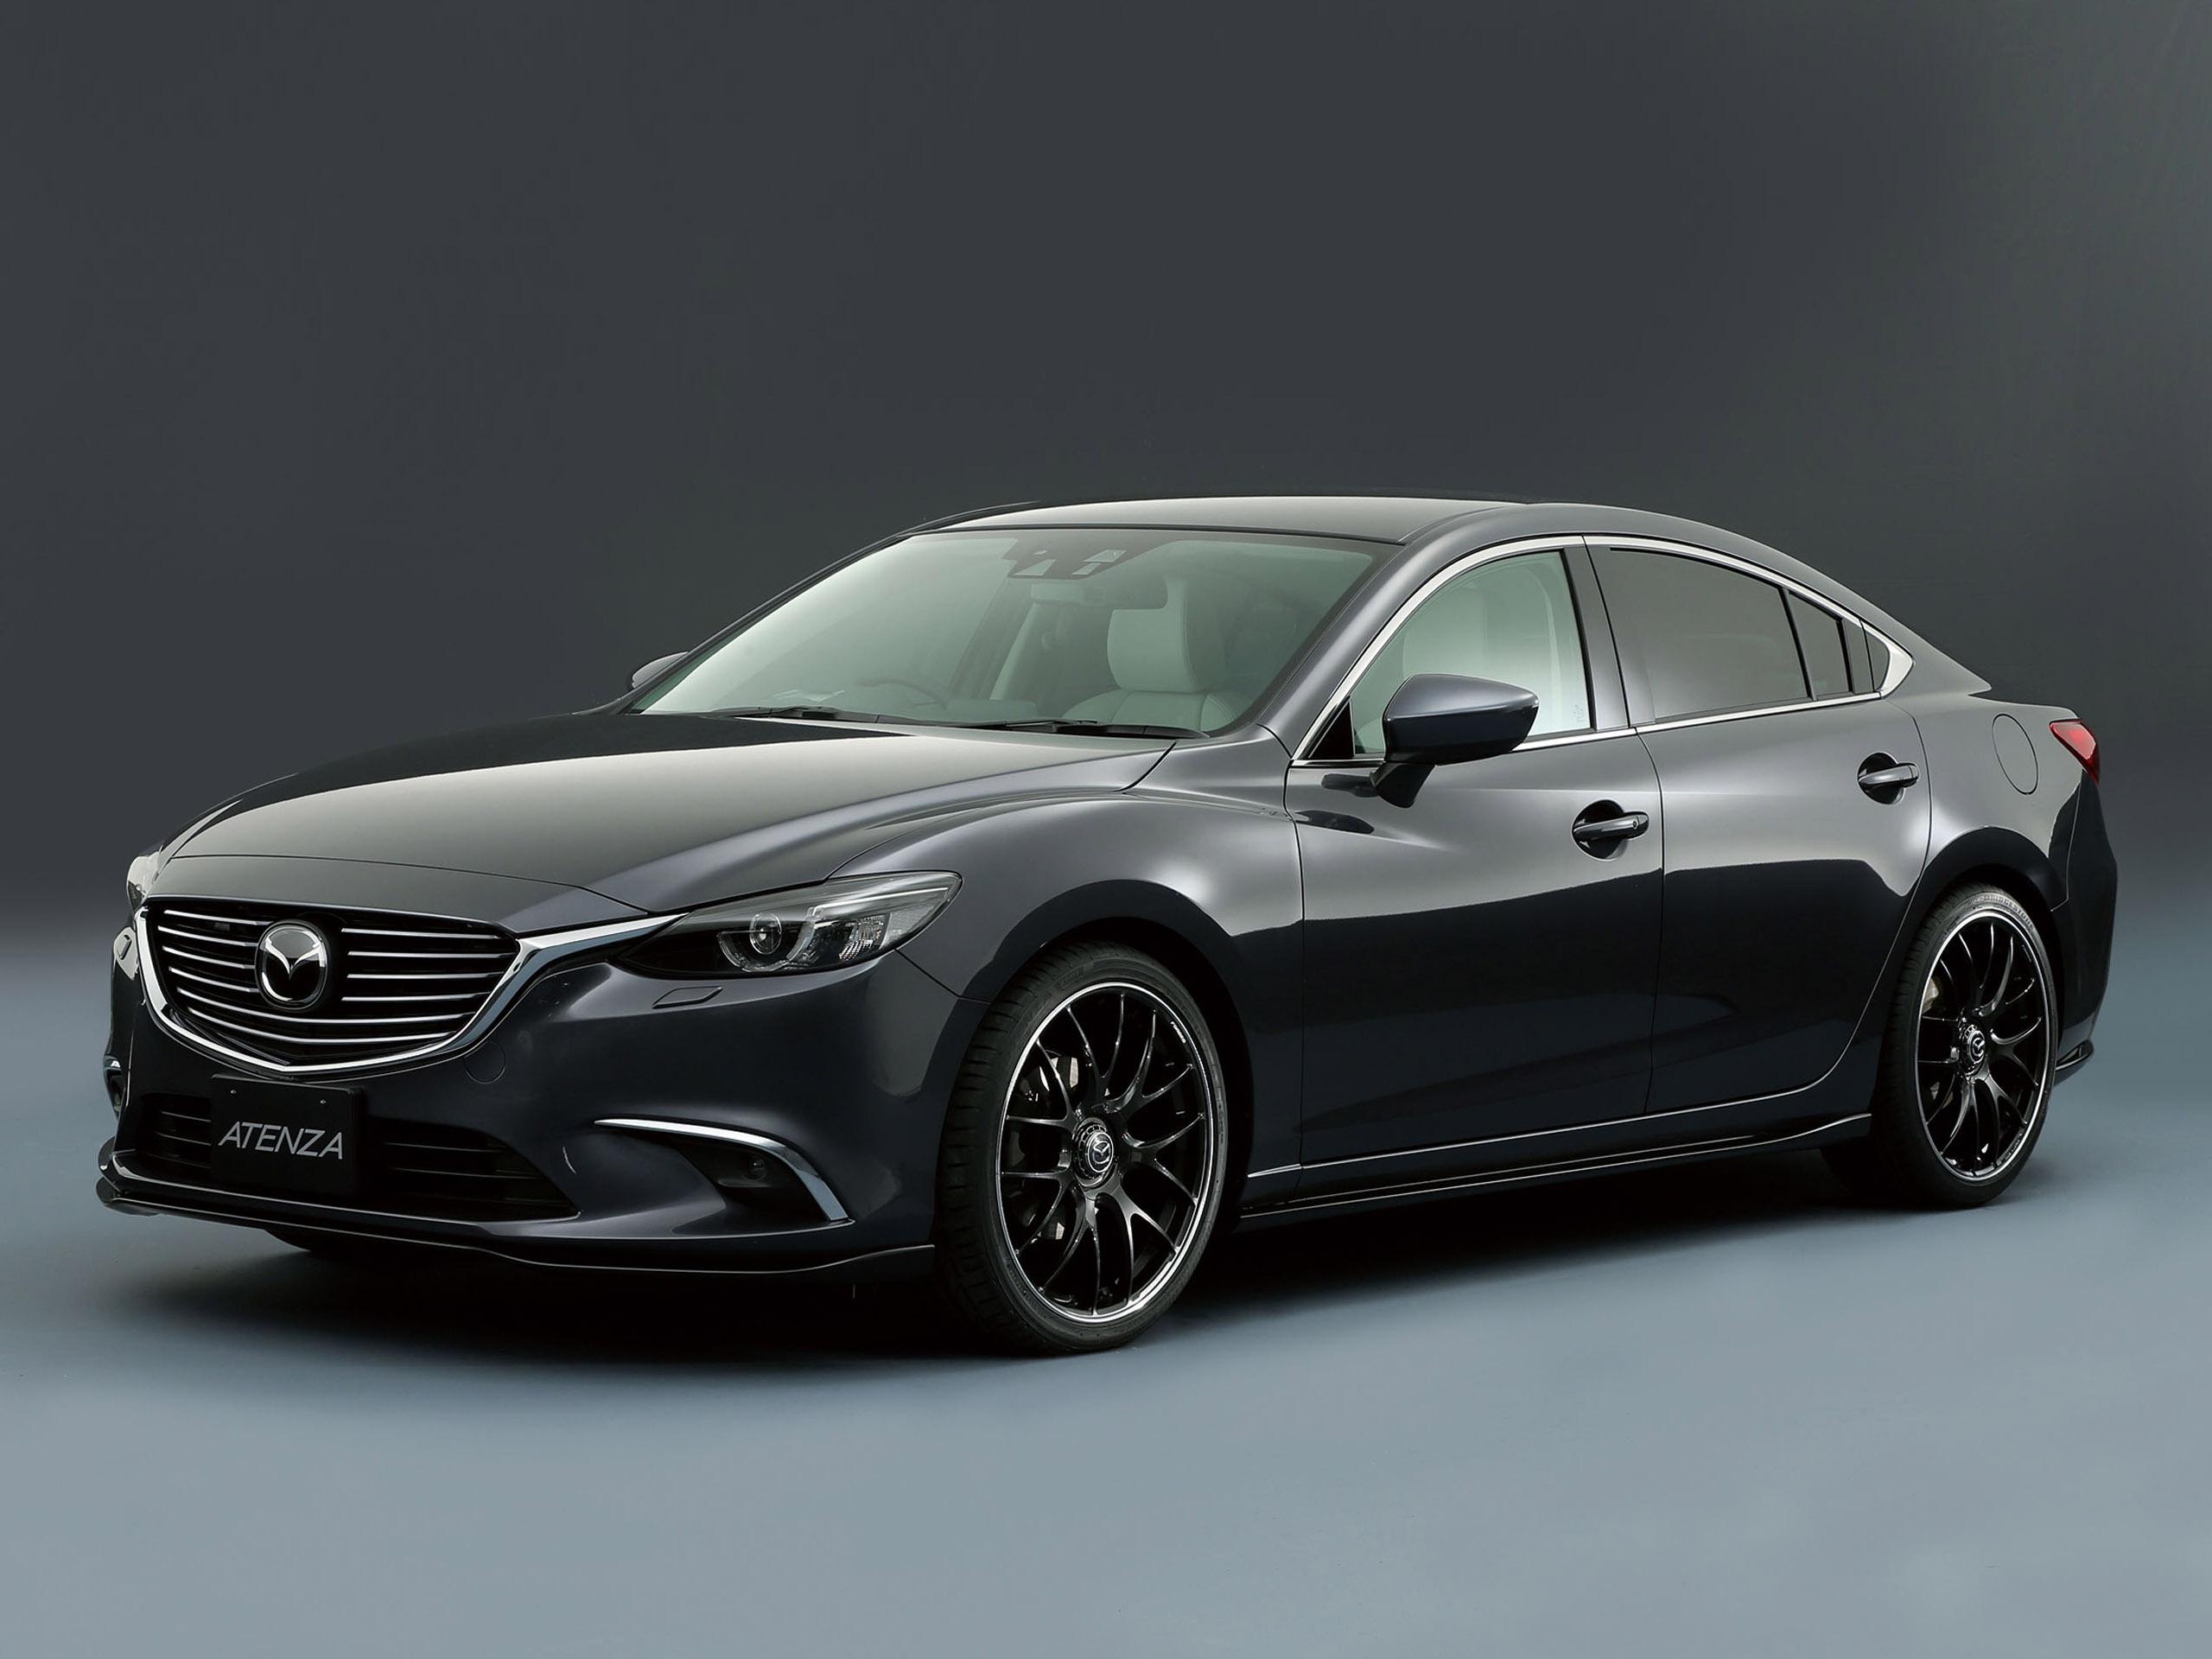 2015 Mazda Atenza Prestige Style Concept